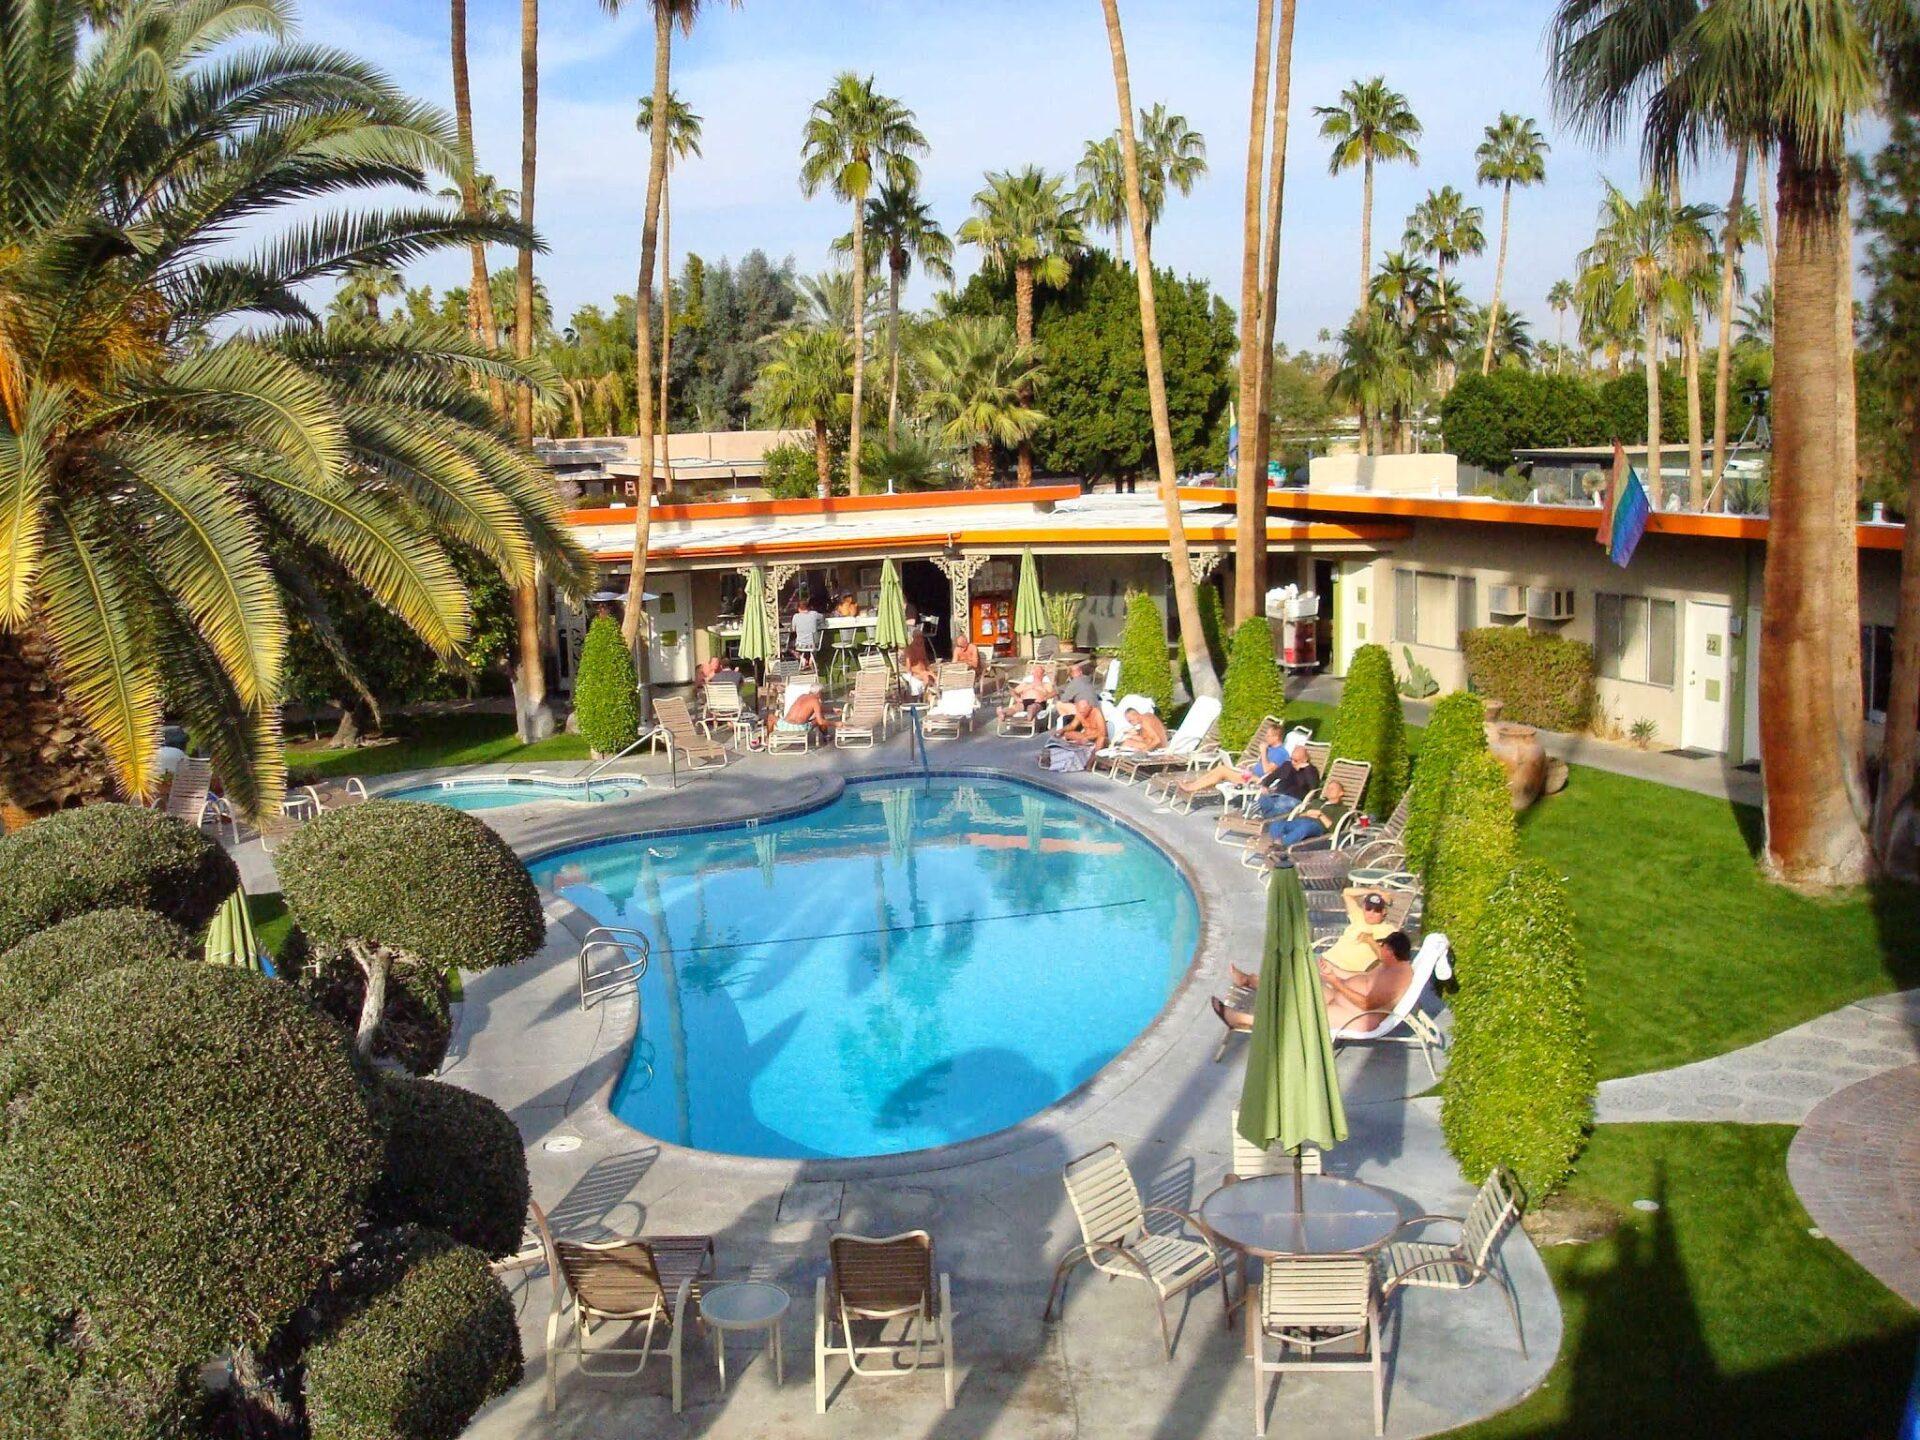 gay resort in palm springs